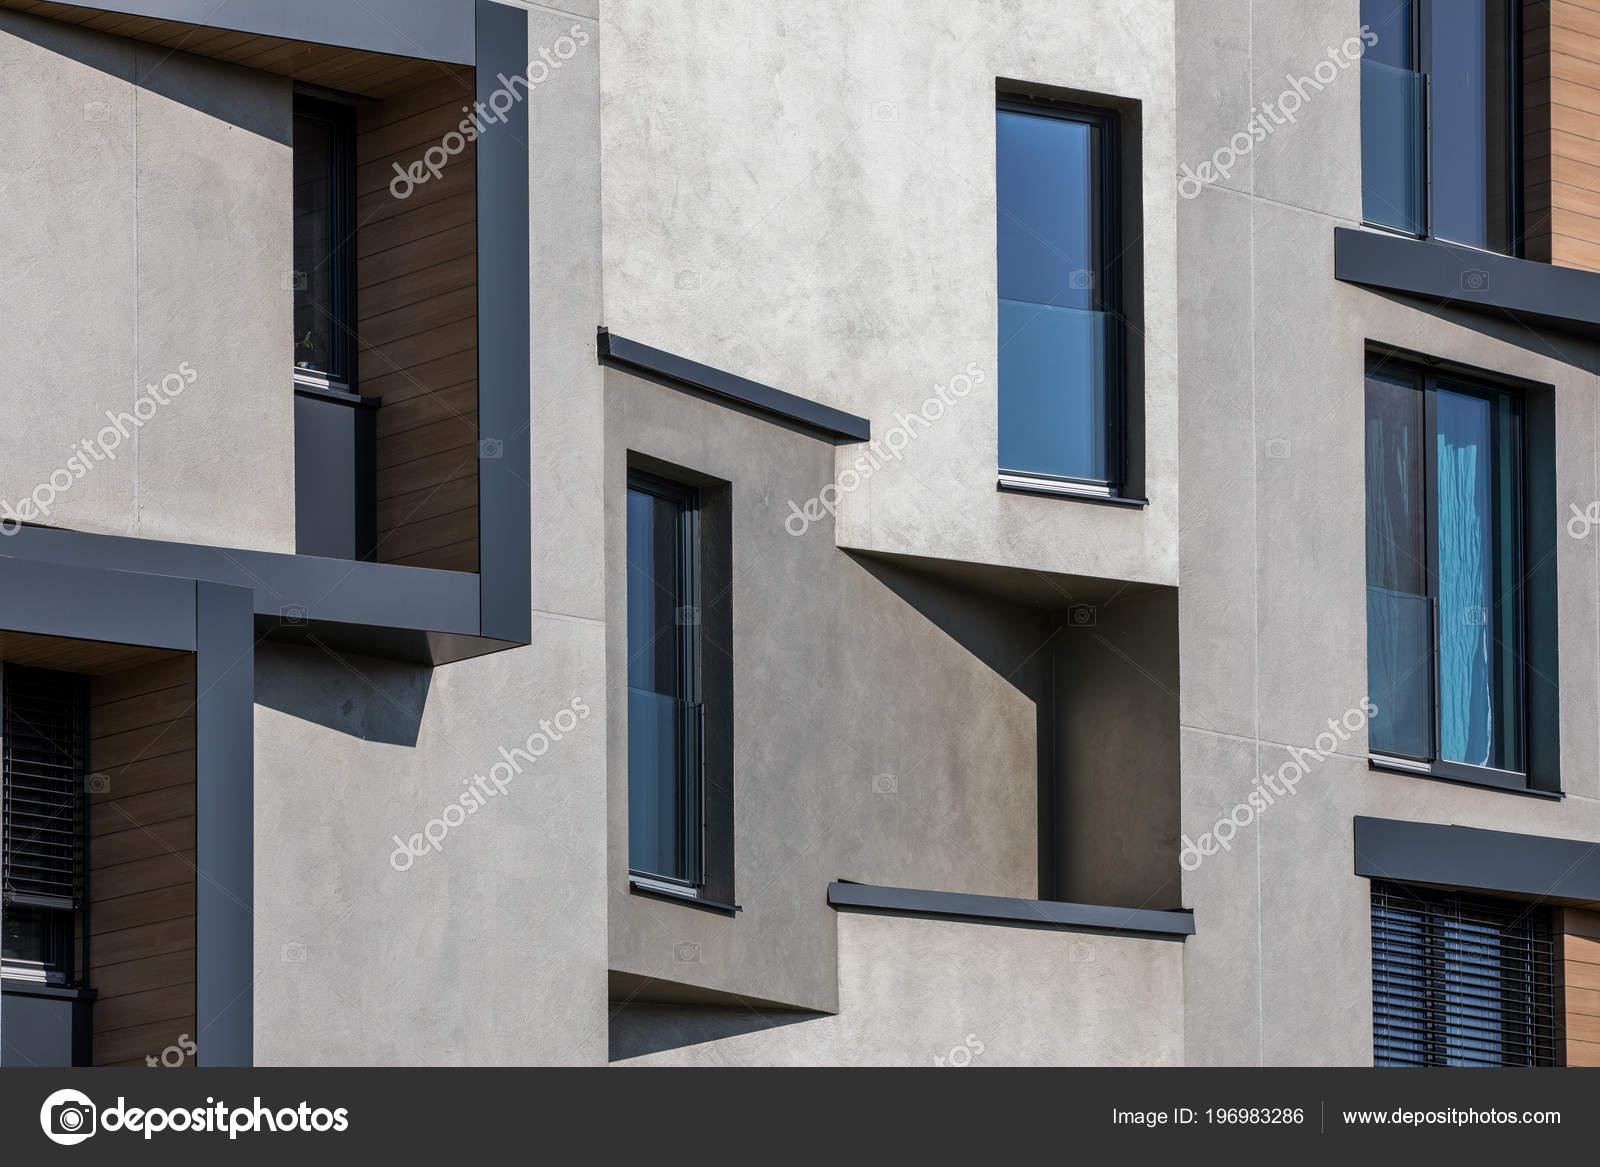 Zeitgenössisches Design Von Mehrfamilien Wohnhäuser Moderne Luxus ...